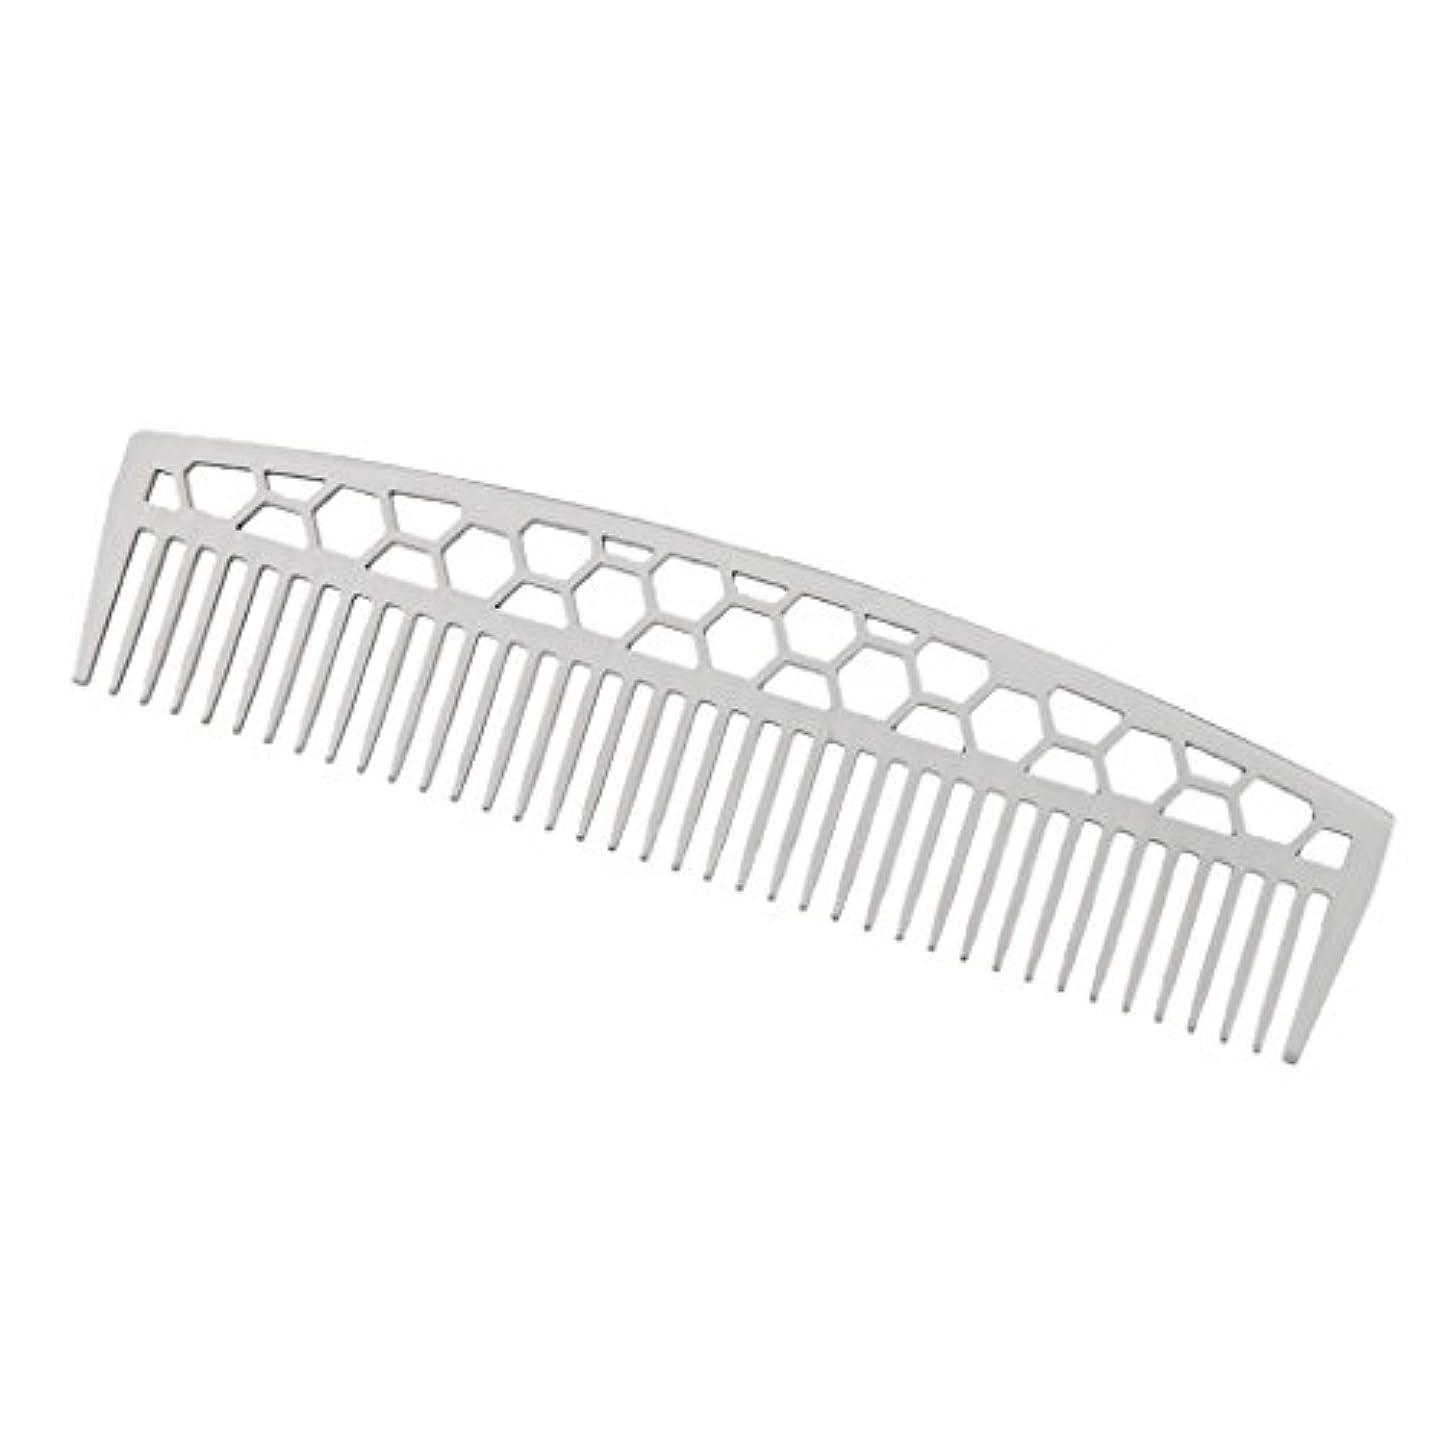 Perfk ビアードコーム ステンレス鋼 ひげ櫛 ヘアブラシ ヘアスタイリング 2タイプ  - #1